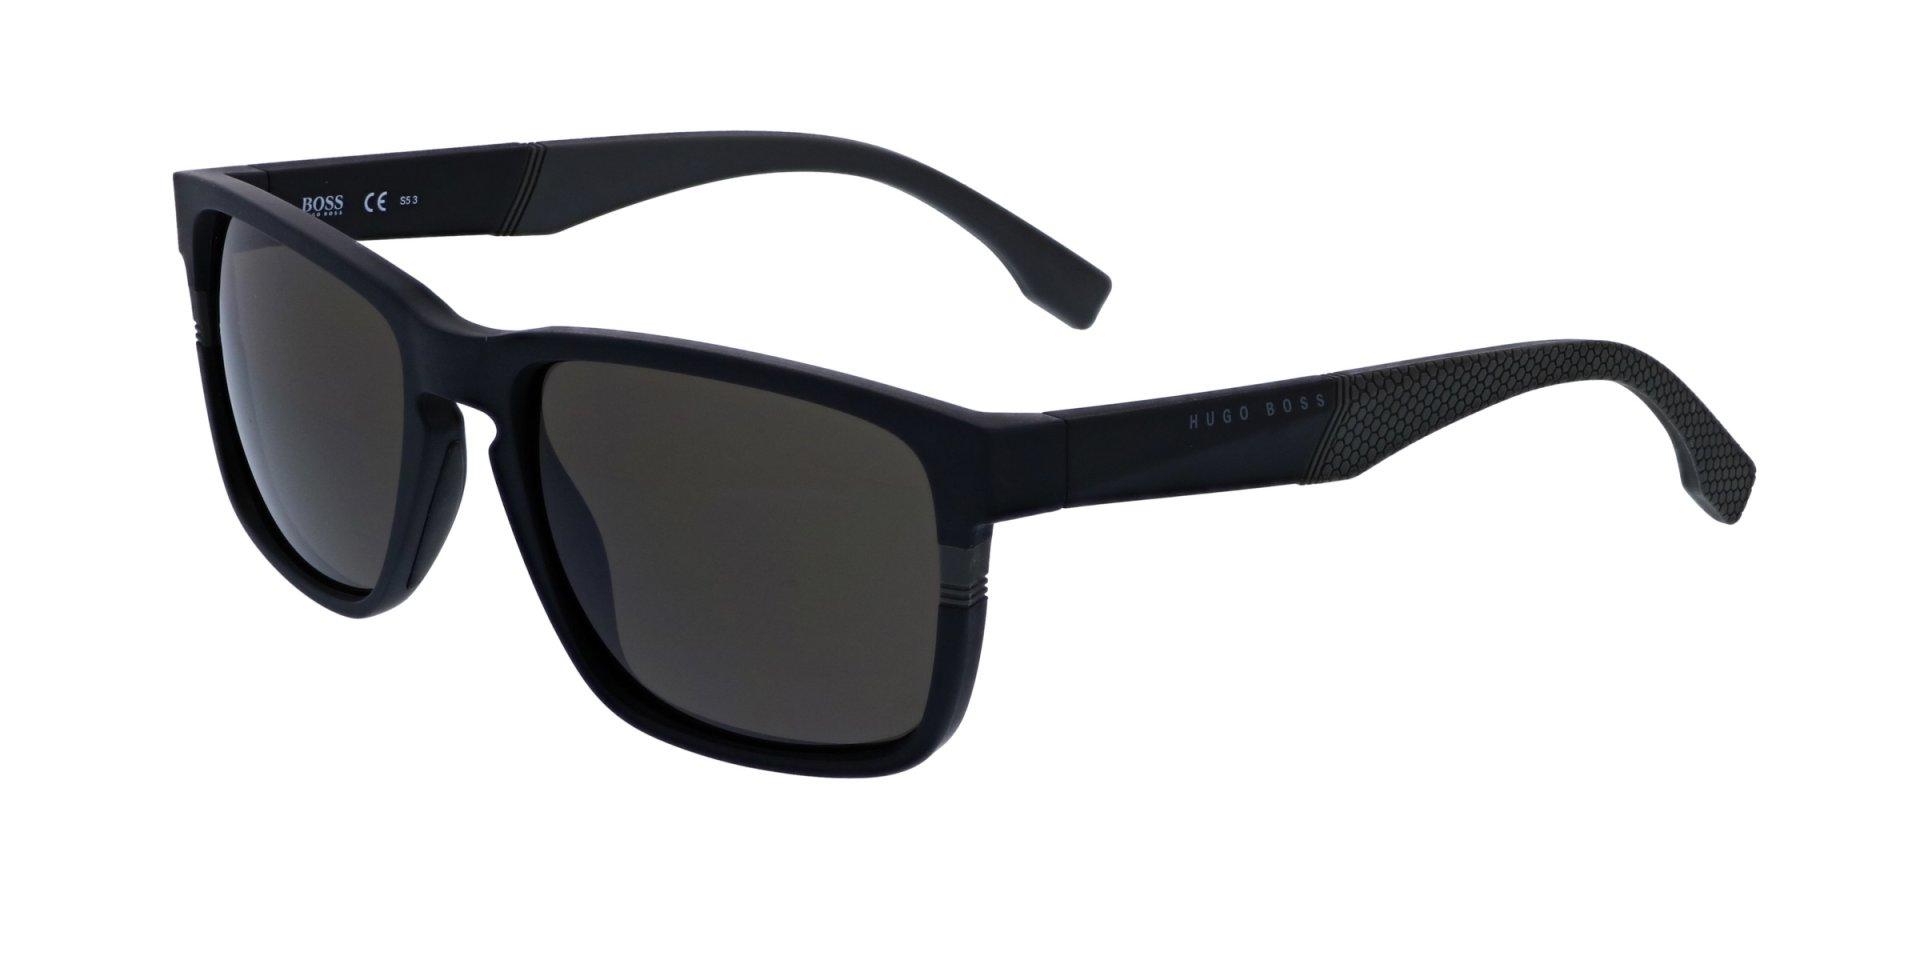 Hugo Boss 0916S 1X1NR Sonnenbrille P7x8H